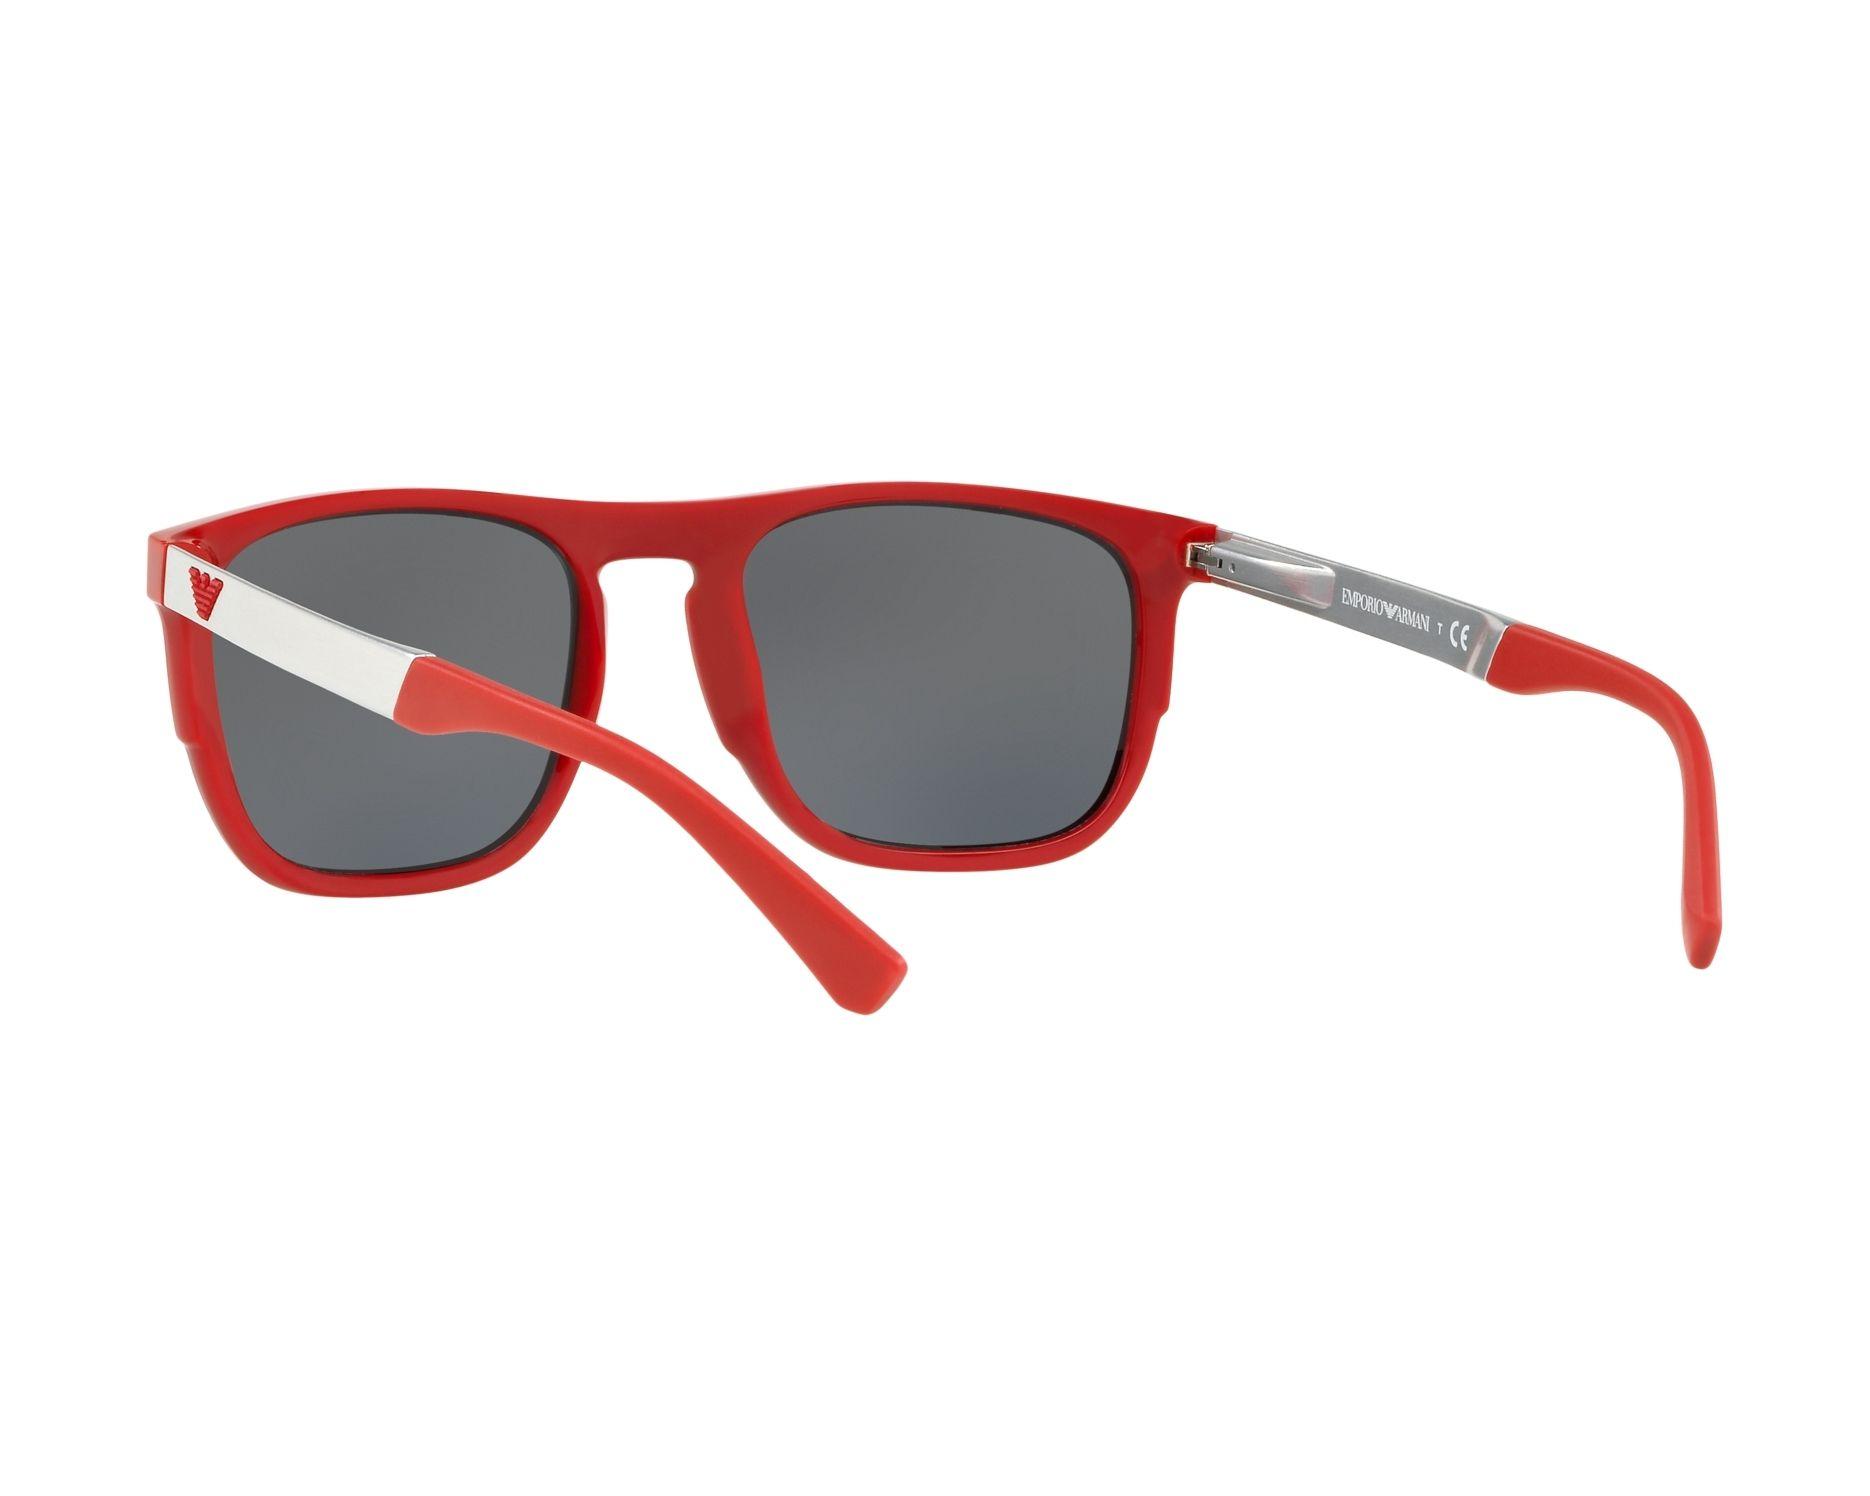 6bf06793e4 Sunglasses Emporio Armani EA-4114 56726G 55-20 Black Red 360 degree view 6